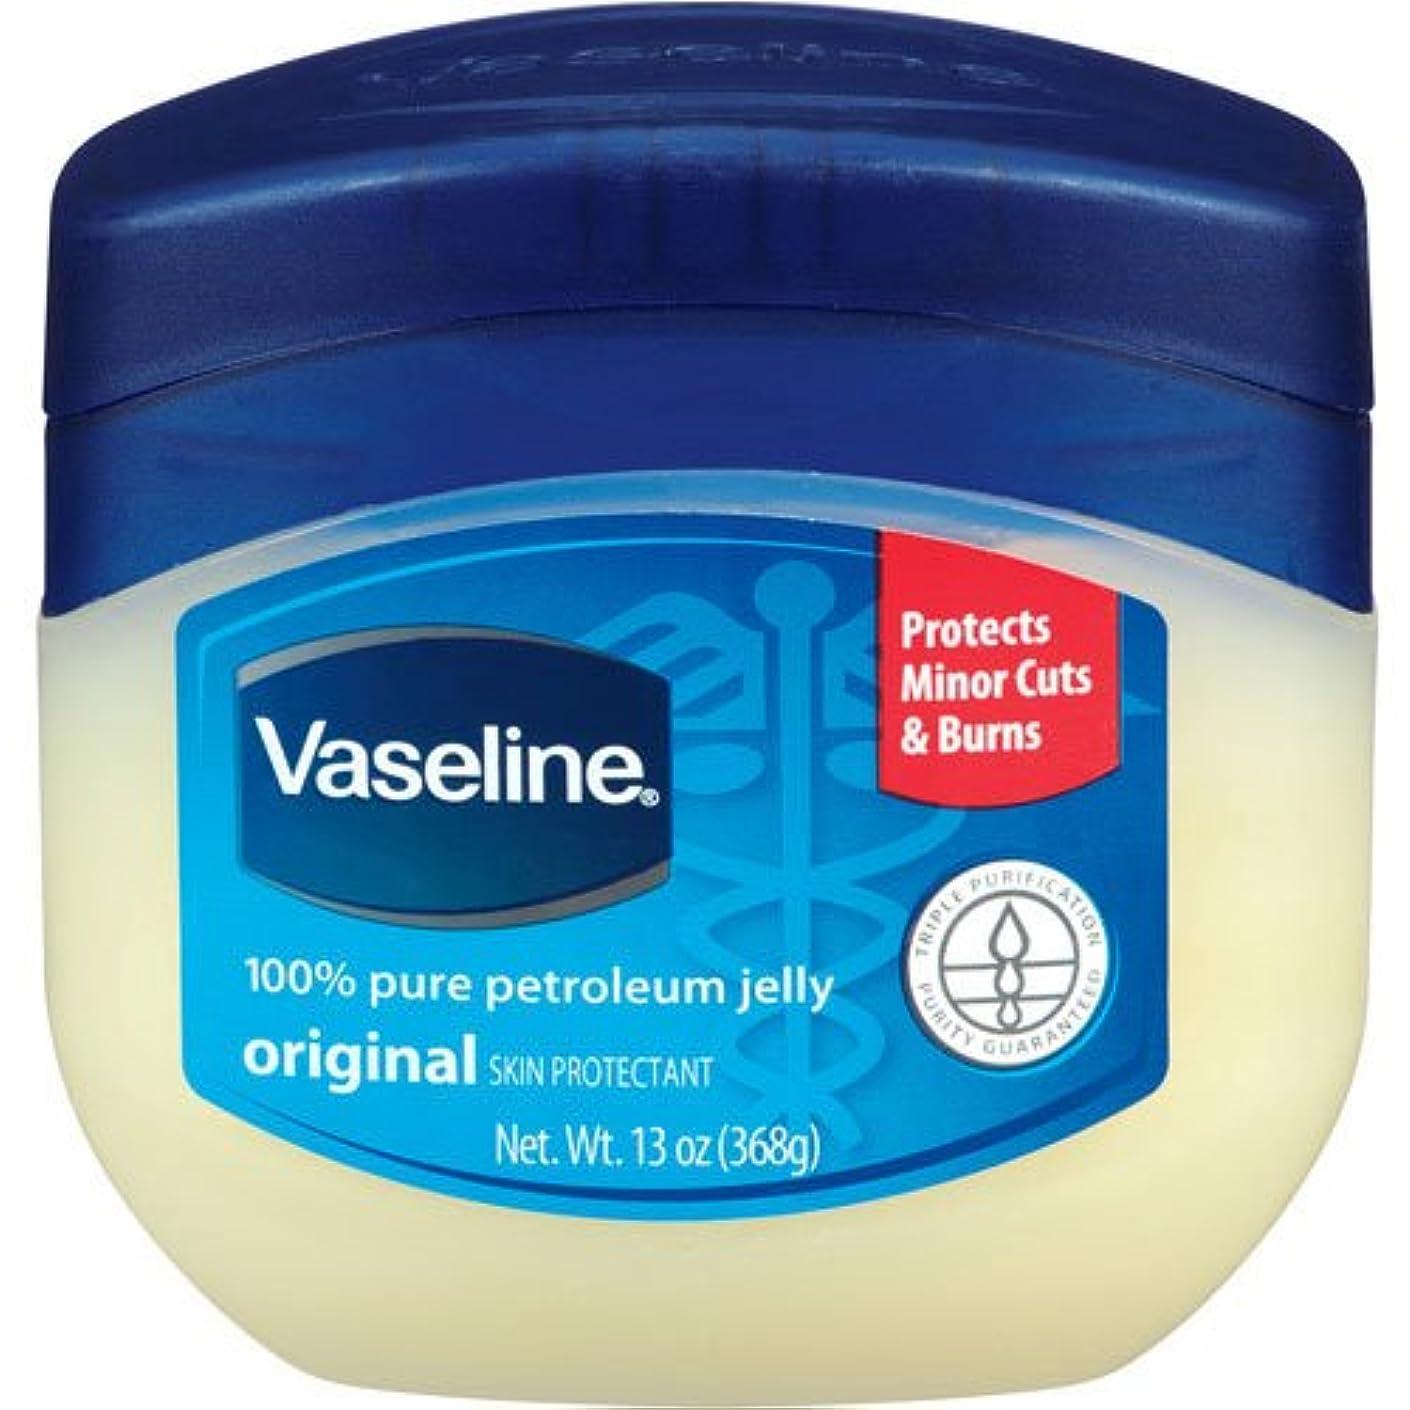 さまようパール地震ヴァセリン [Vaseline]ペトロリュームジェリージャータイプ[保湿クリーム]368g[並行輸入品]